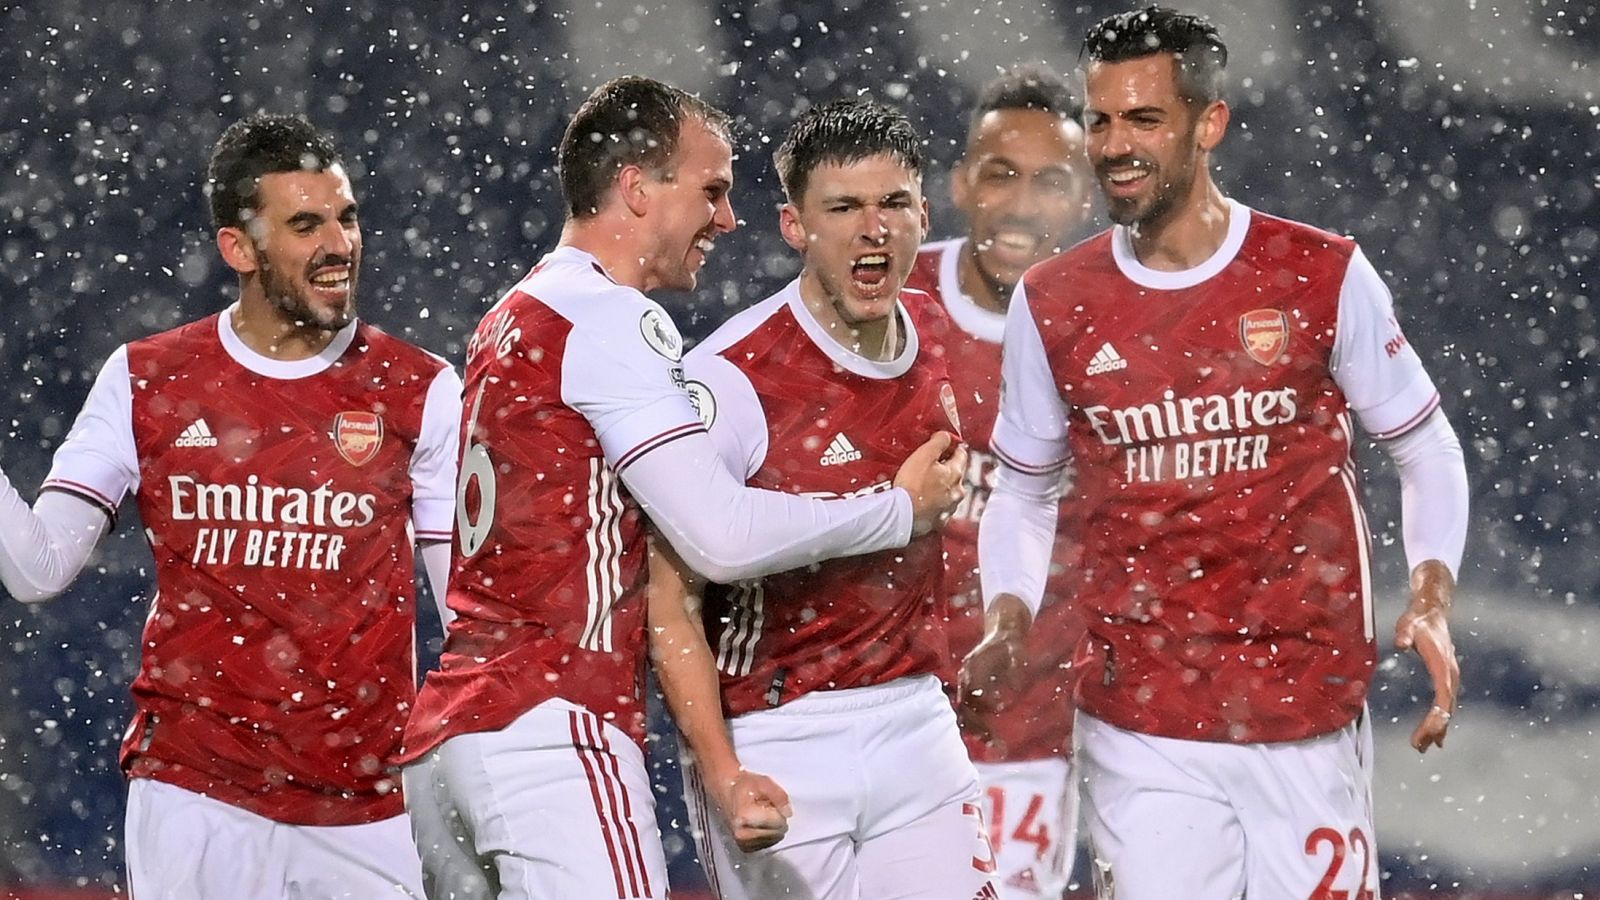 Skuad Arsenal usai mengalahkan West Brom. (foto: twitter.com/Arsenal)